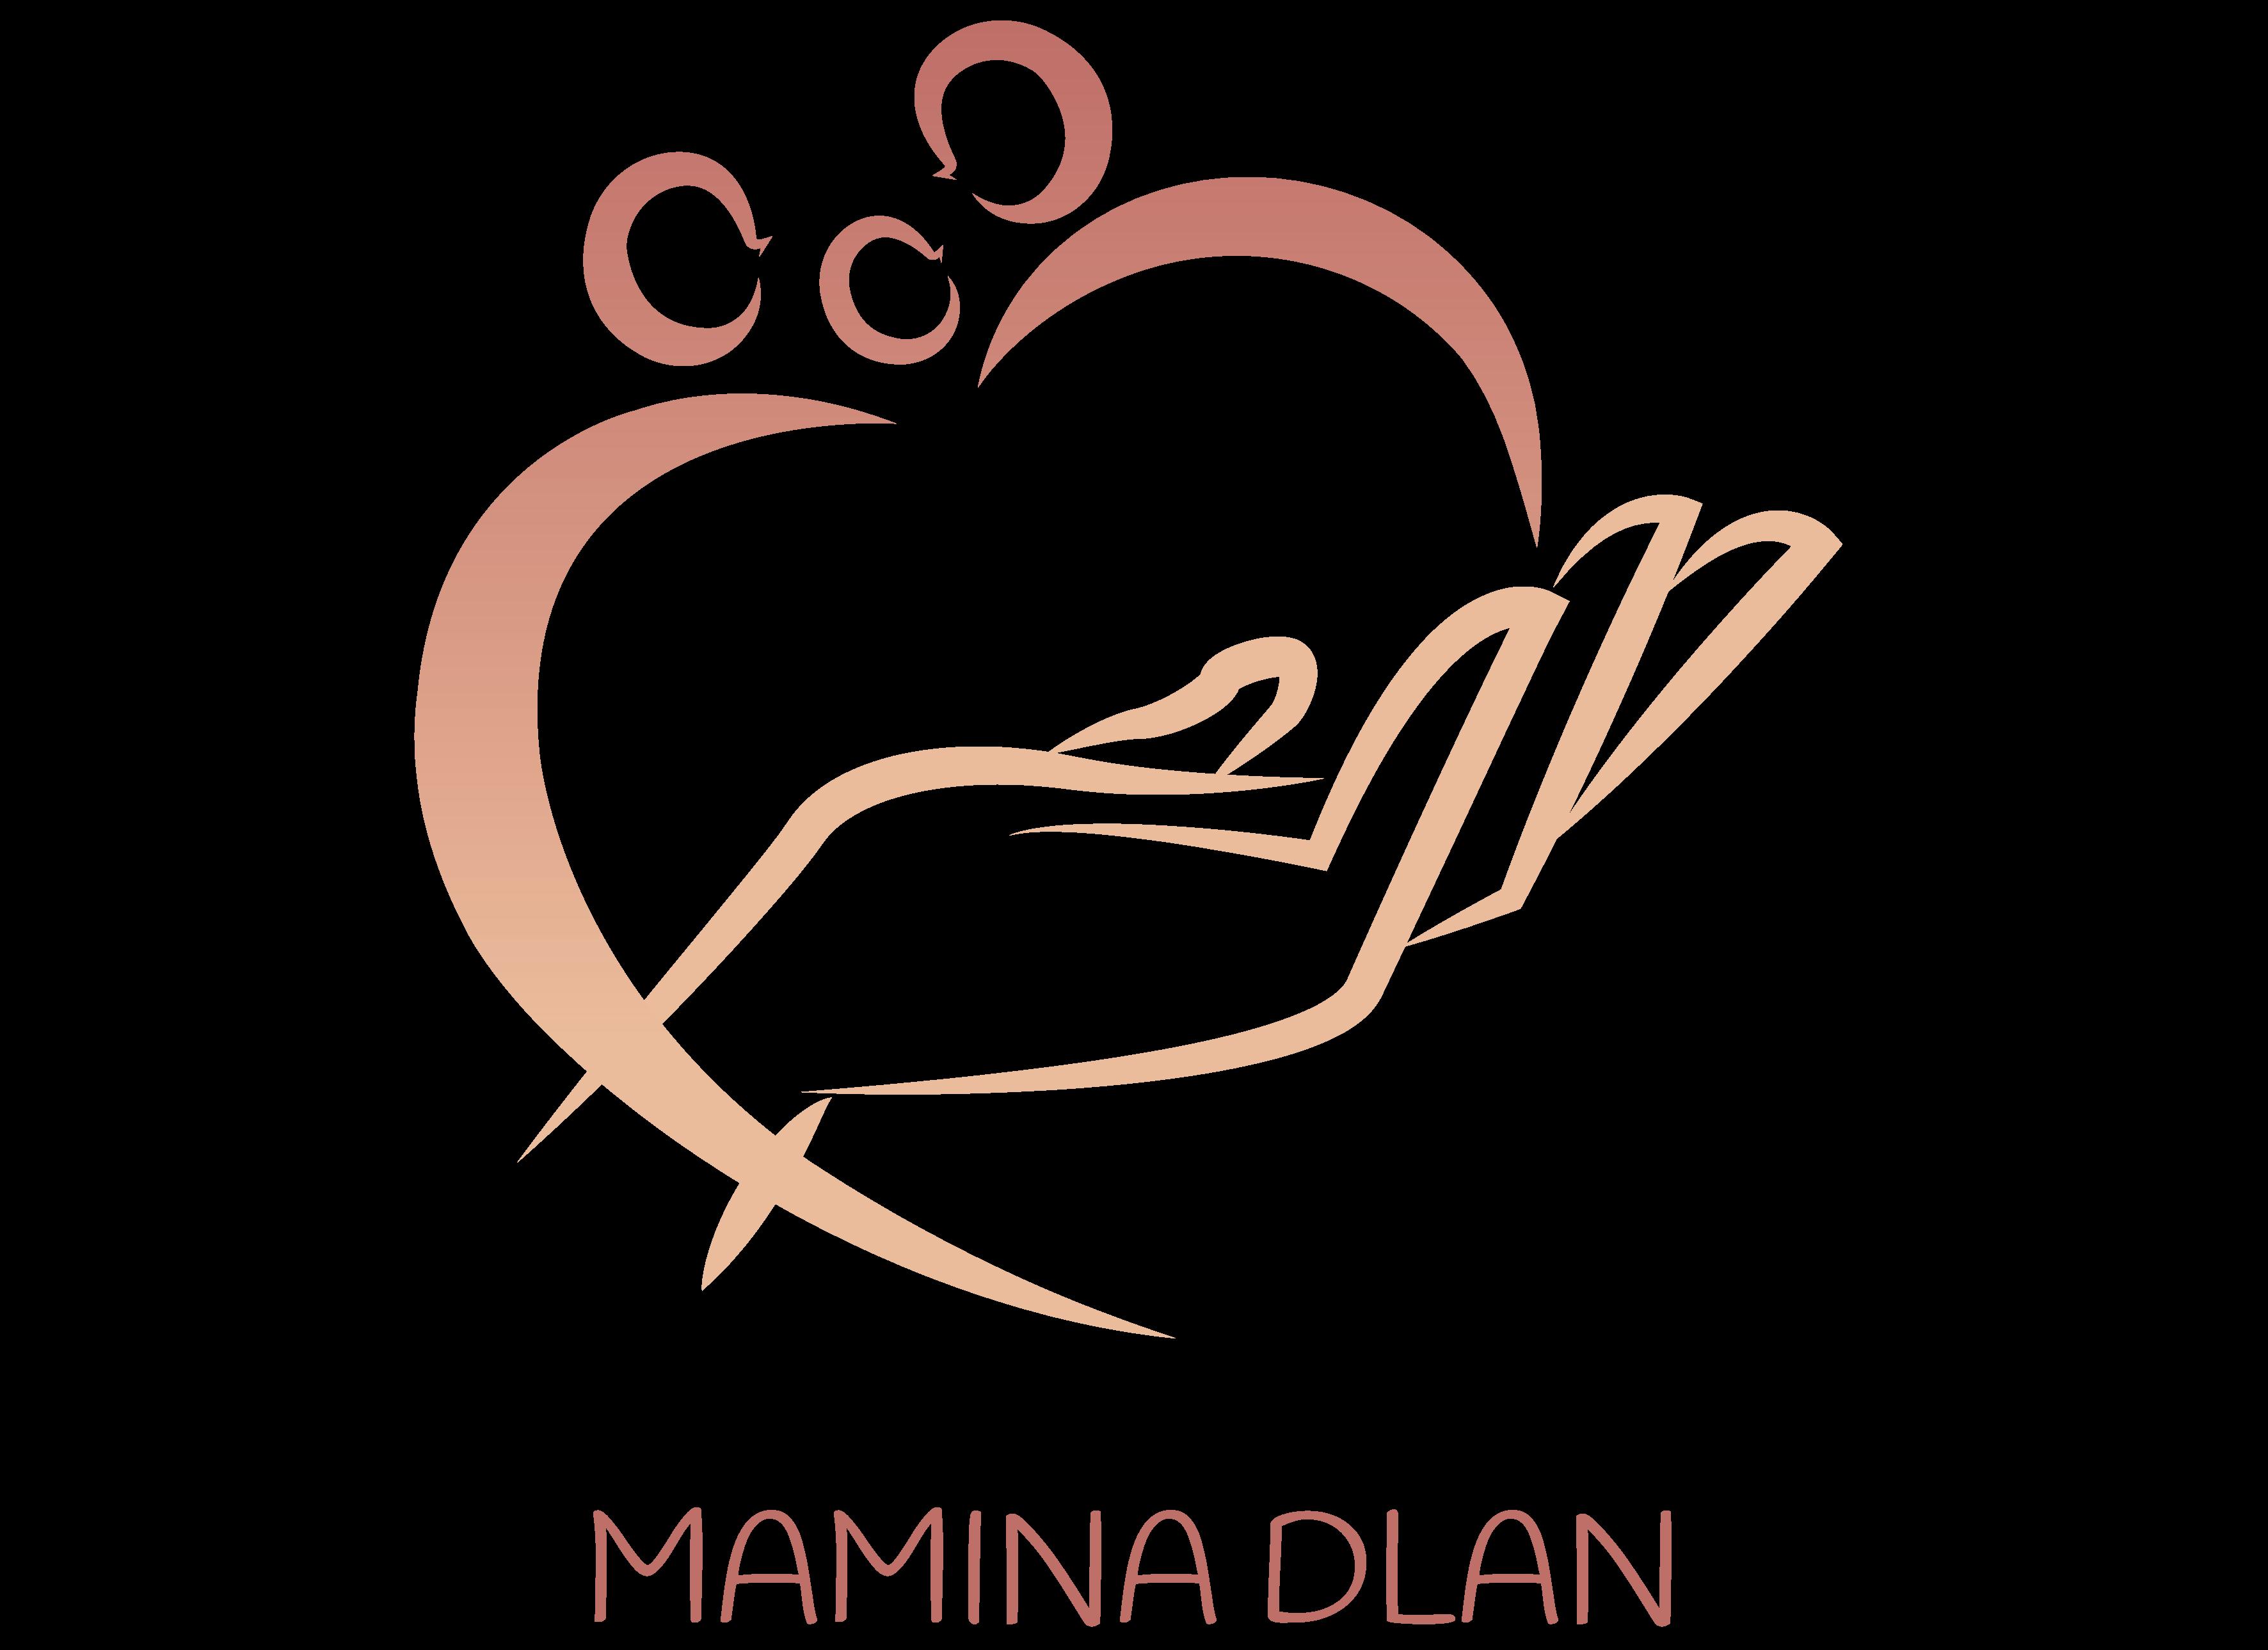 maminadlan.com